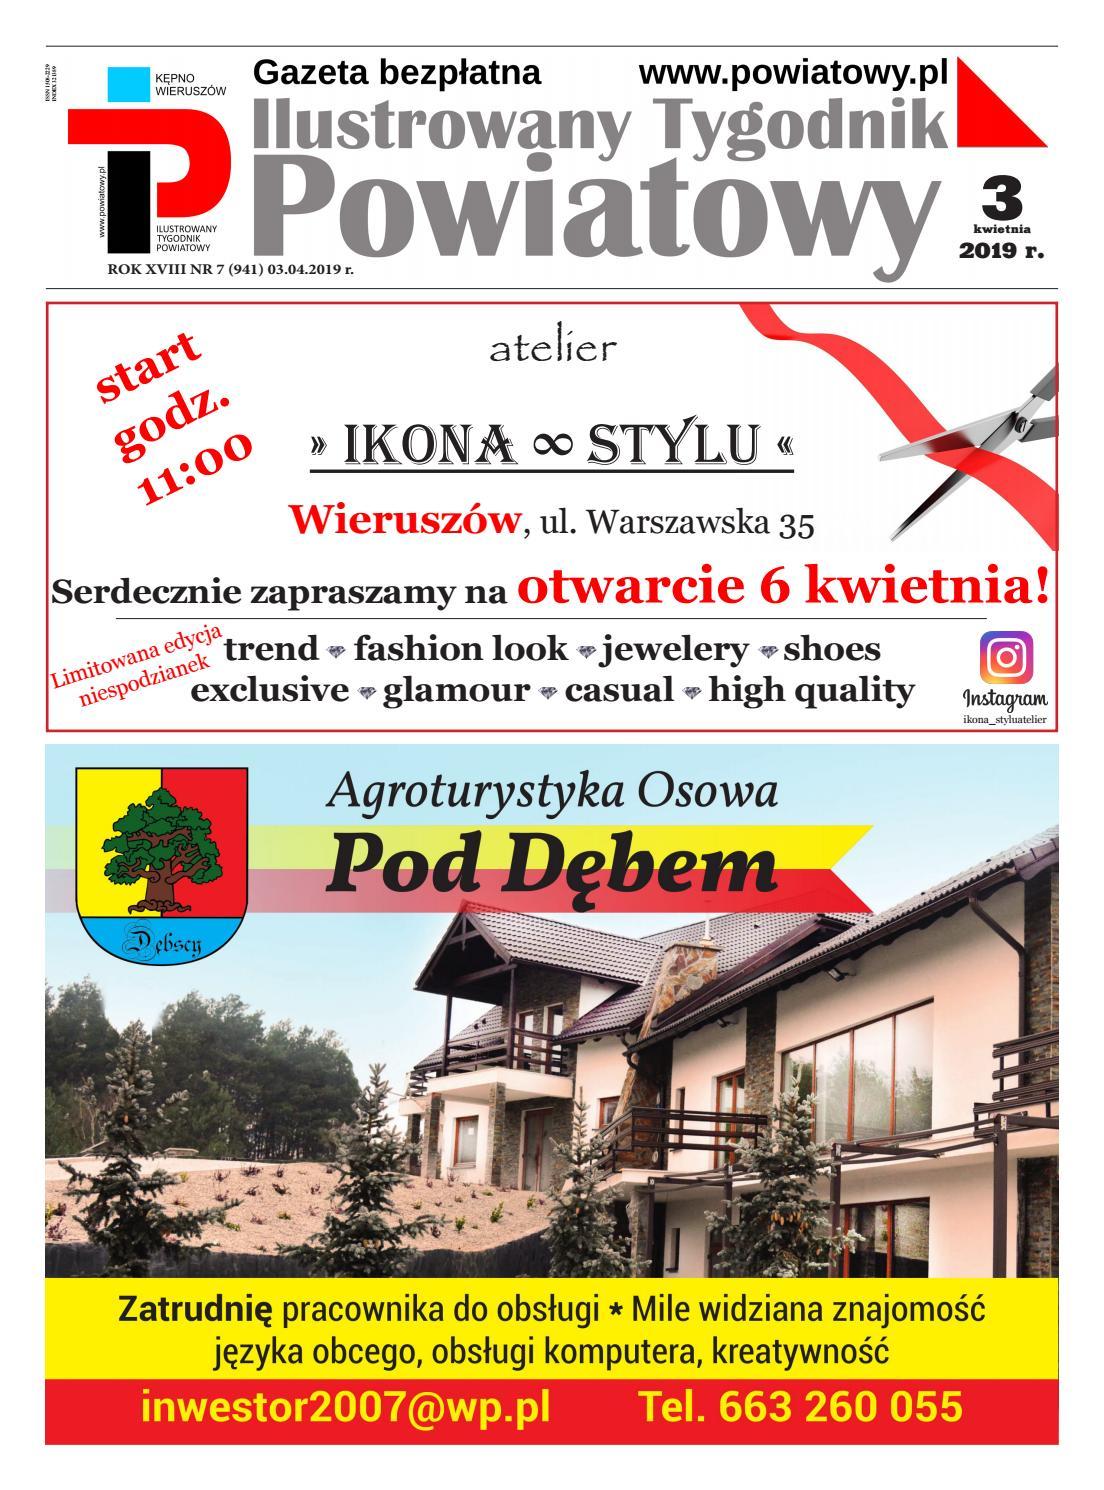 69ad98bff6a73 Ilustrowany Tygodnik Powiatowy 03.04.2019 r. by powiatowy.pl - issuu